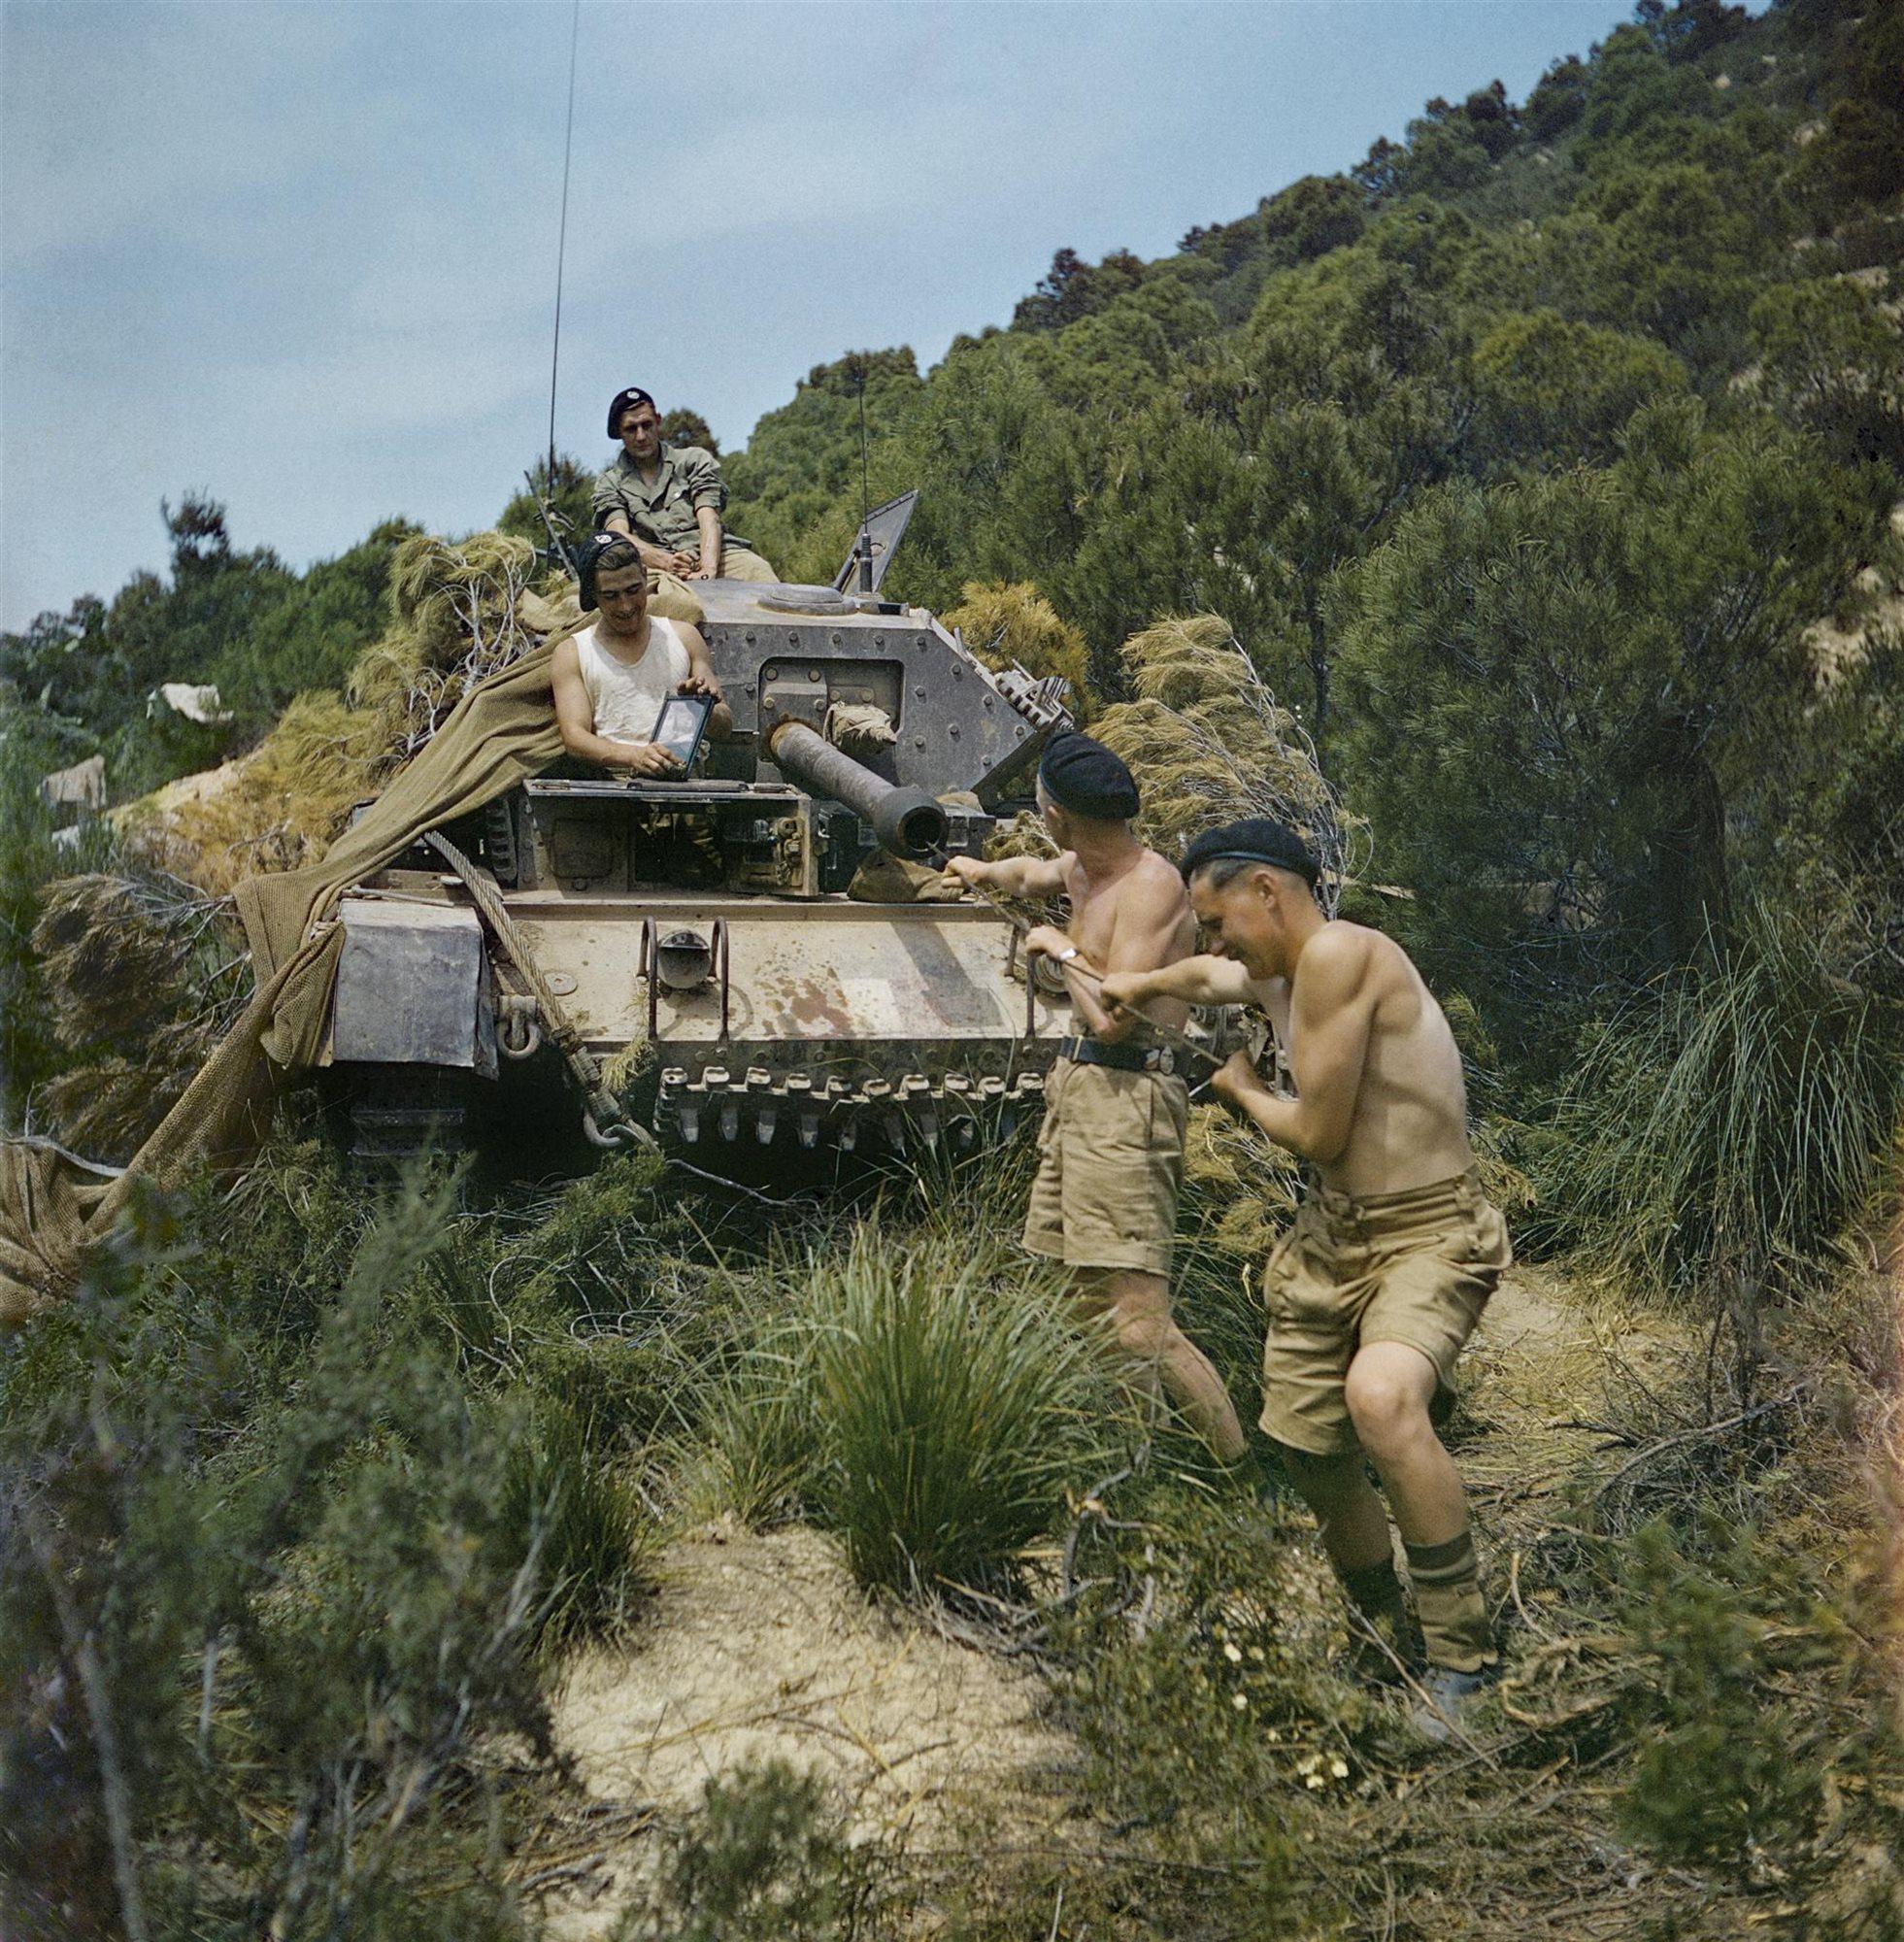 Limpiando el cañón del tanque